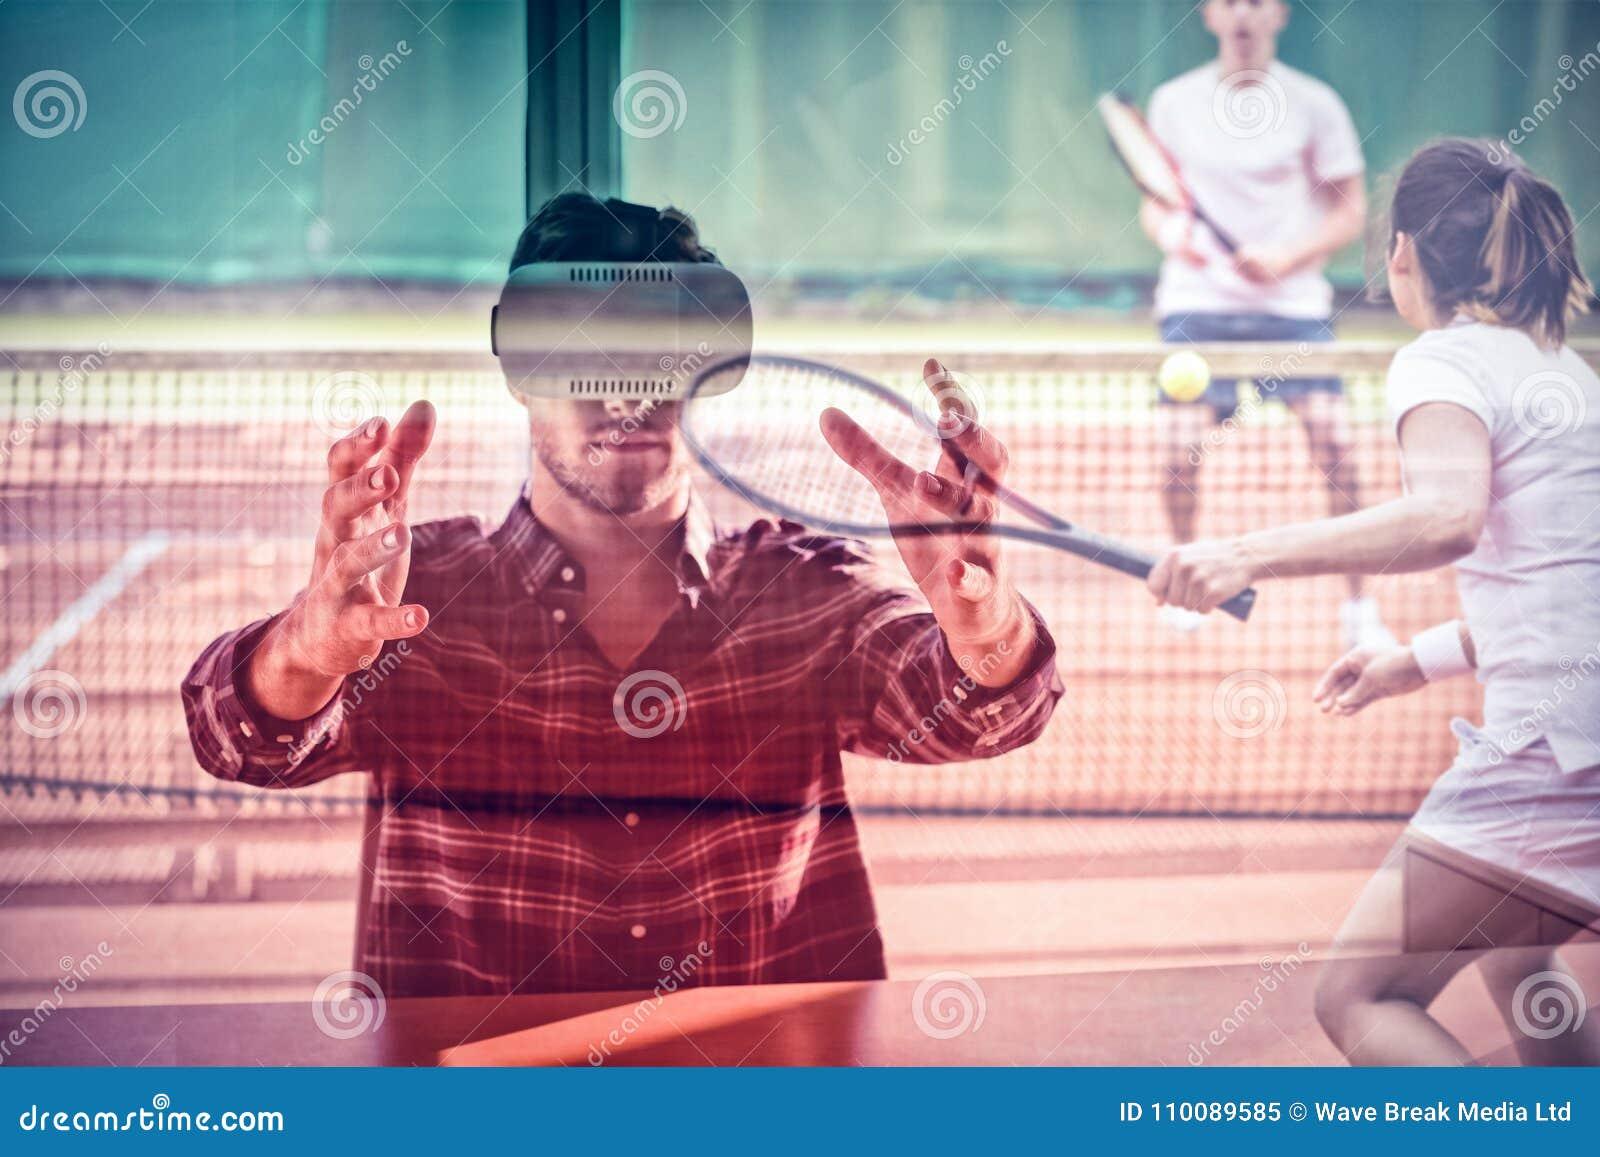 site de rencontre pour les joueurs de tennis endroits pour brancher avec votre copain